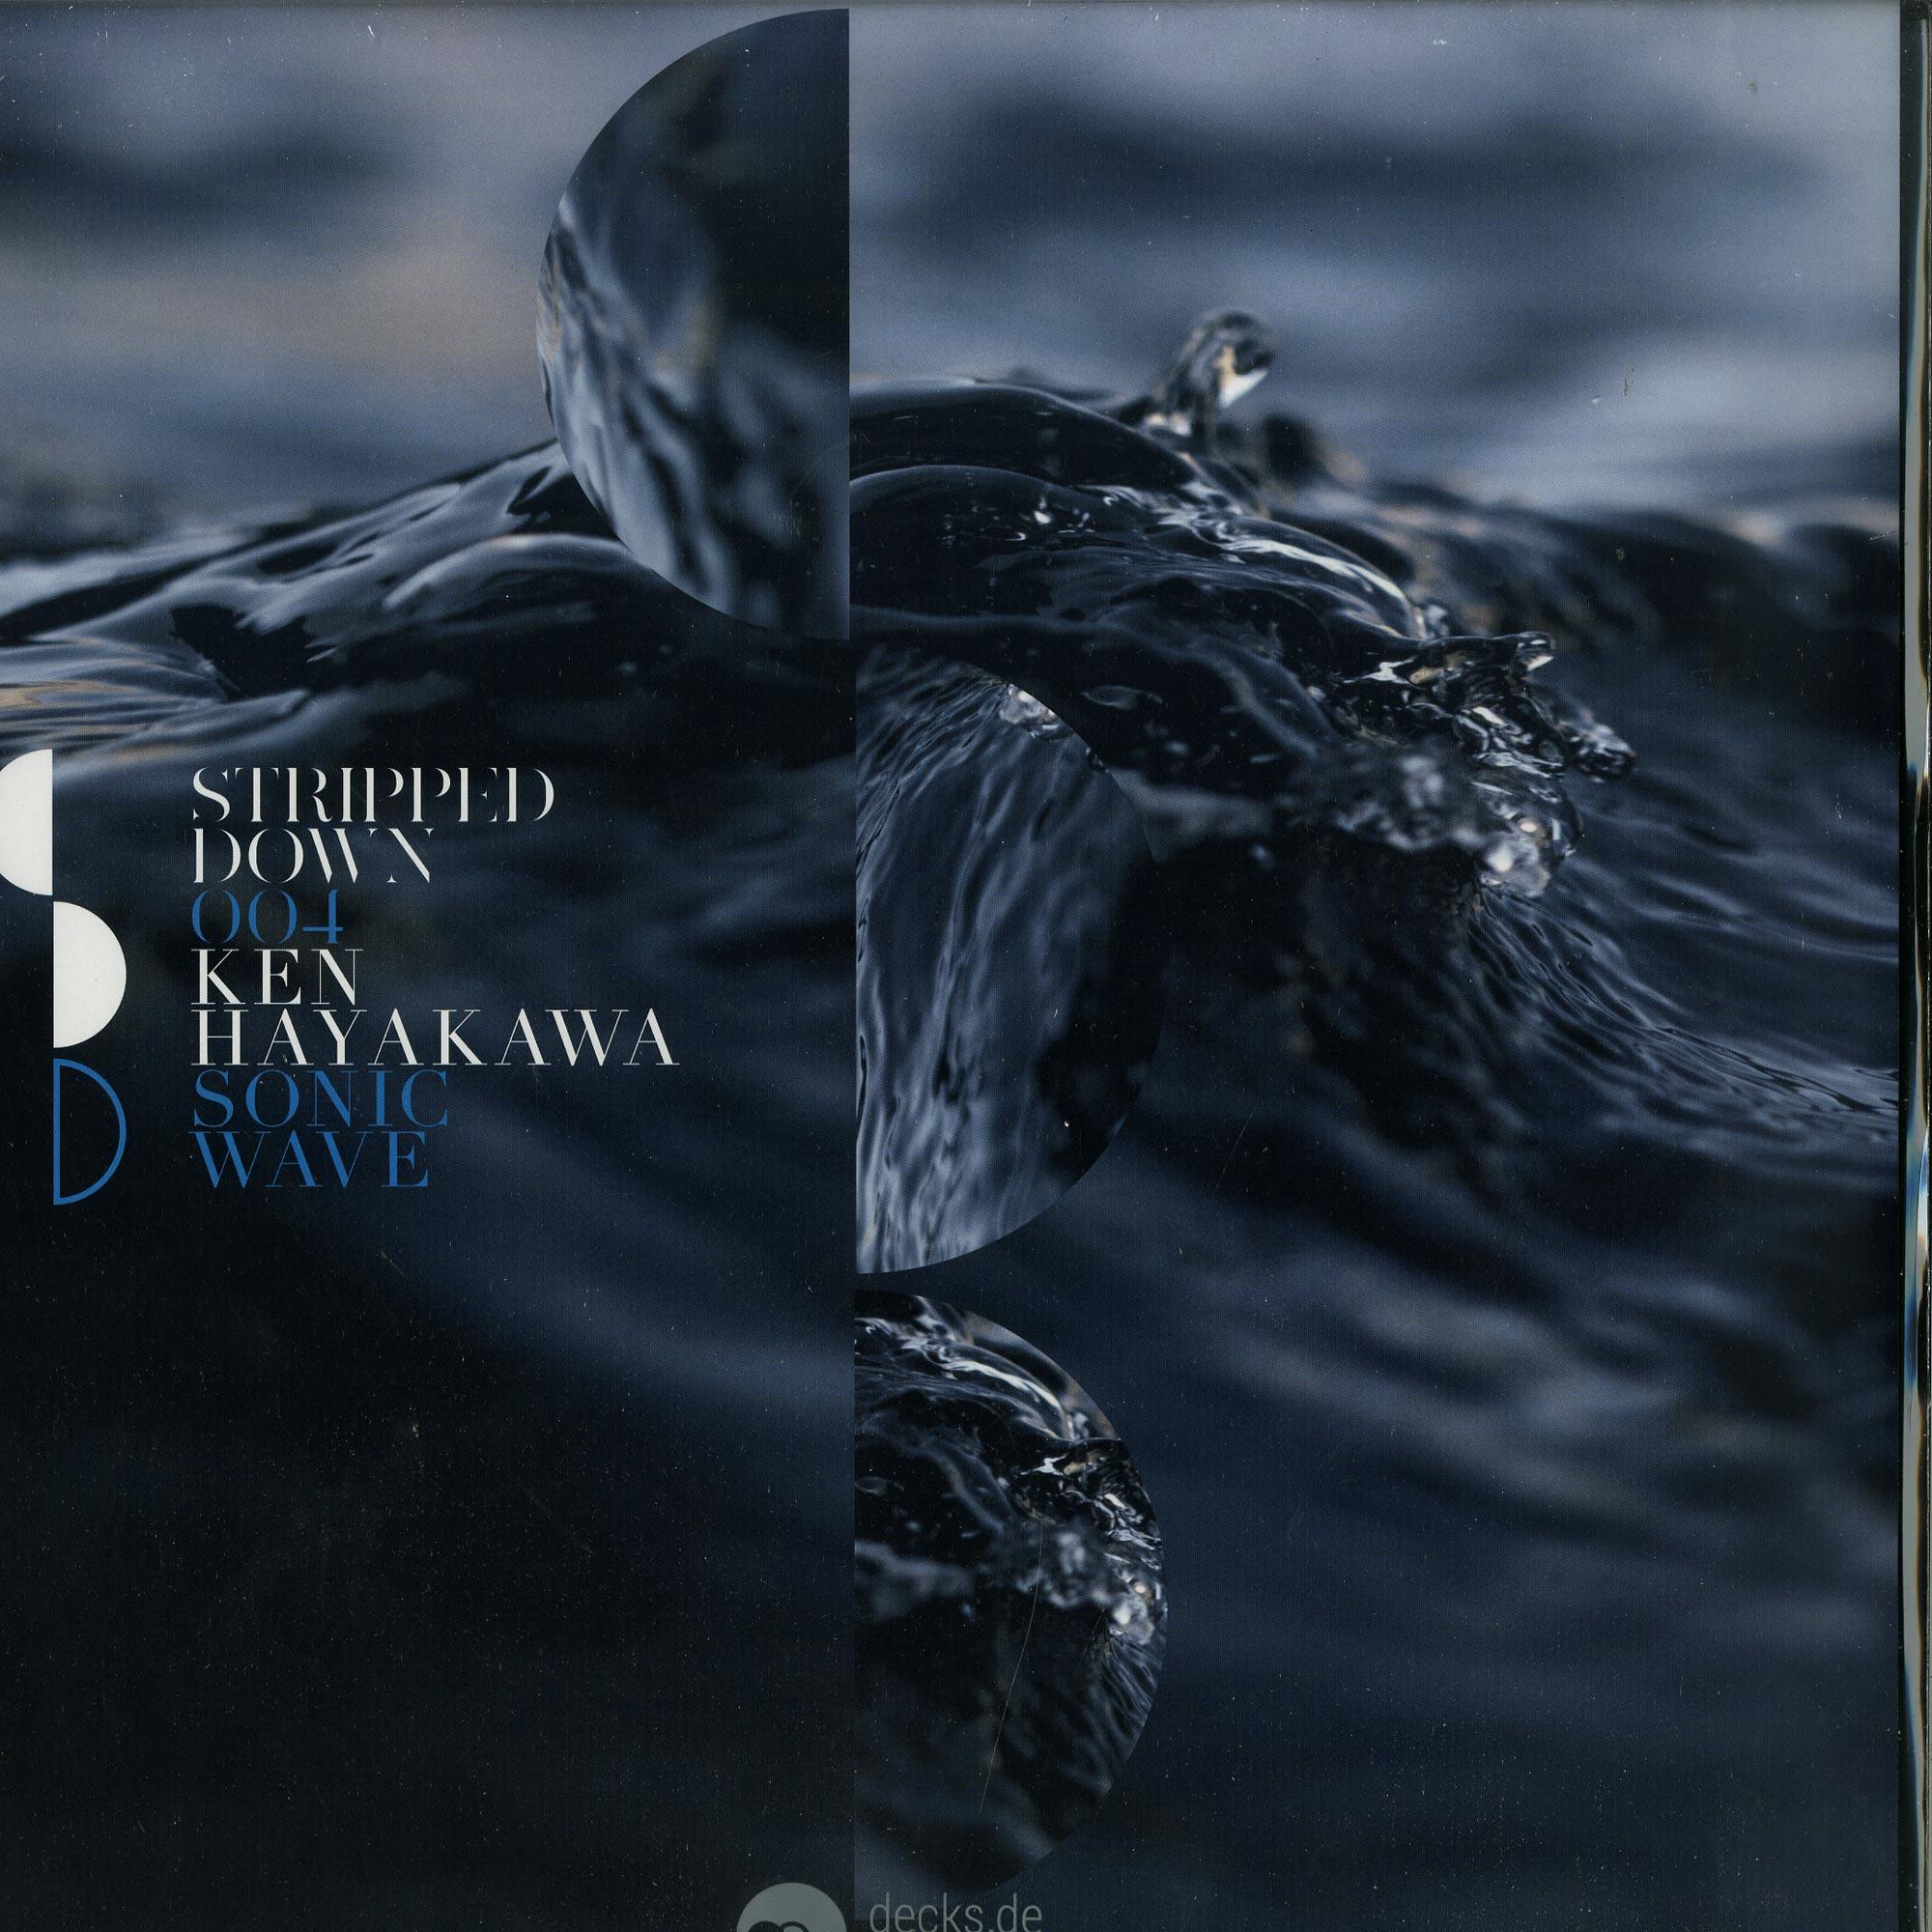 Ken Hayakawa - SONIC WAVE EP